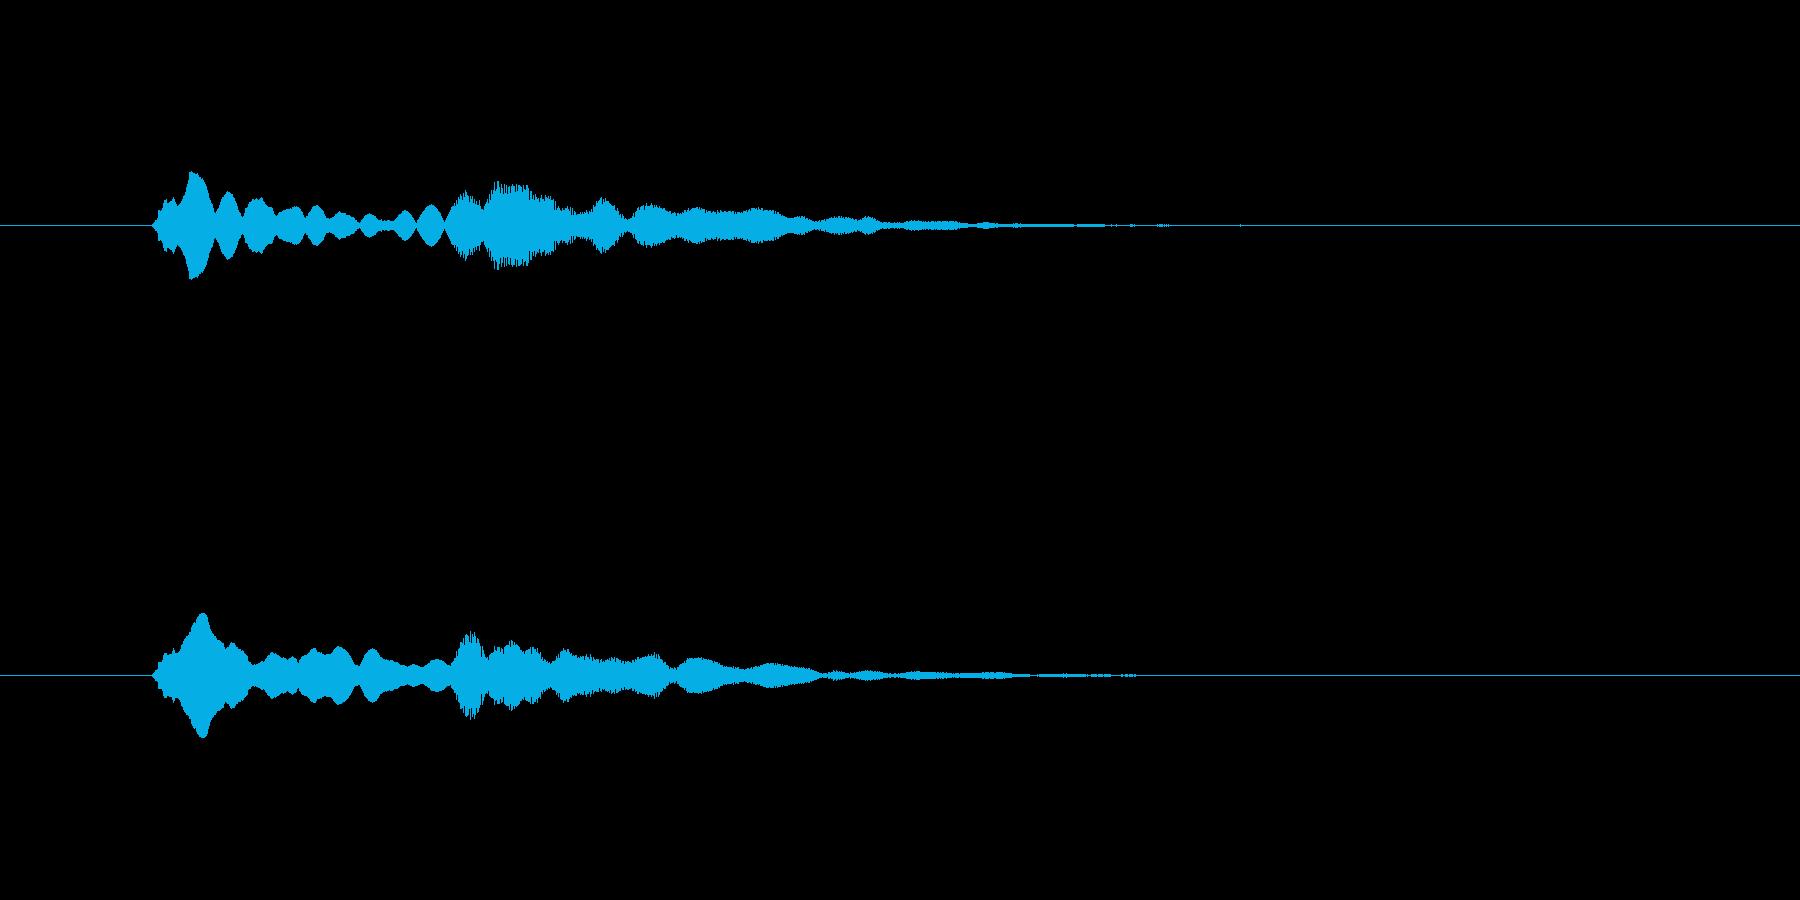 ピンポン(注目、お知らせ、終了)の再生済みの波形